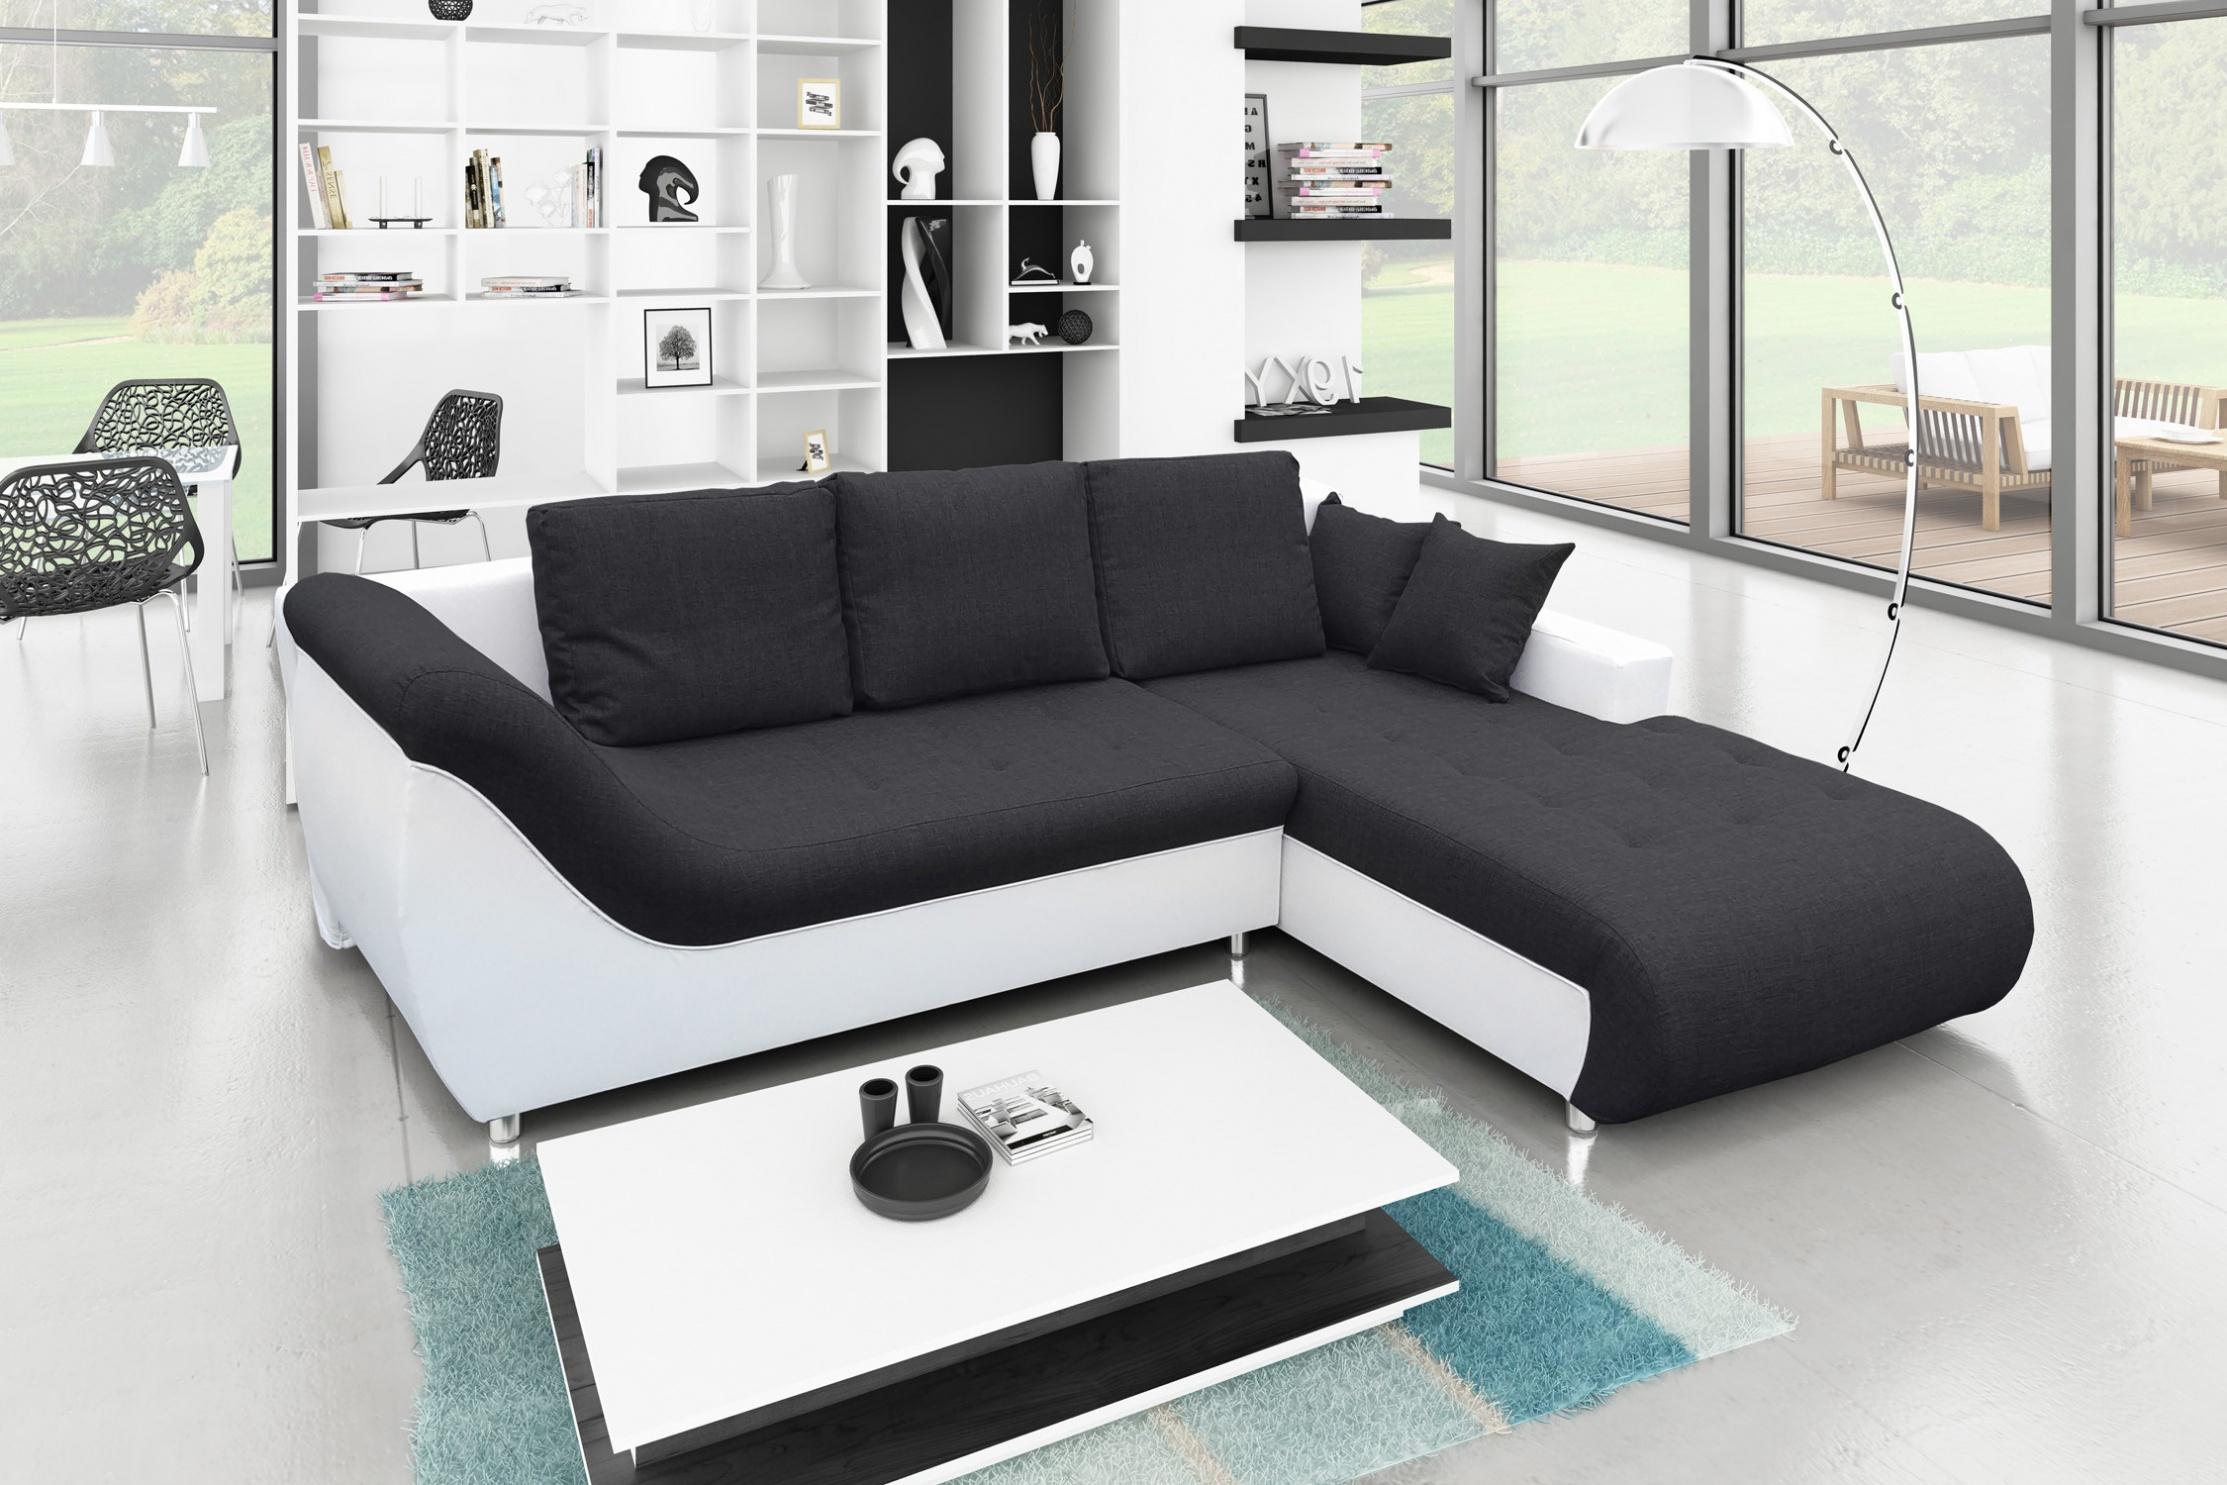 Jeté De Fauteuil Ikea Unique Collection Maha S Jeté De Canapé Gris Home Mahagranda